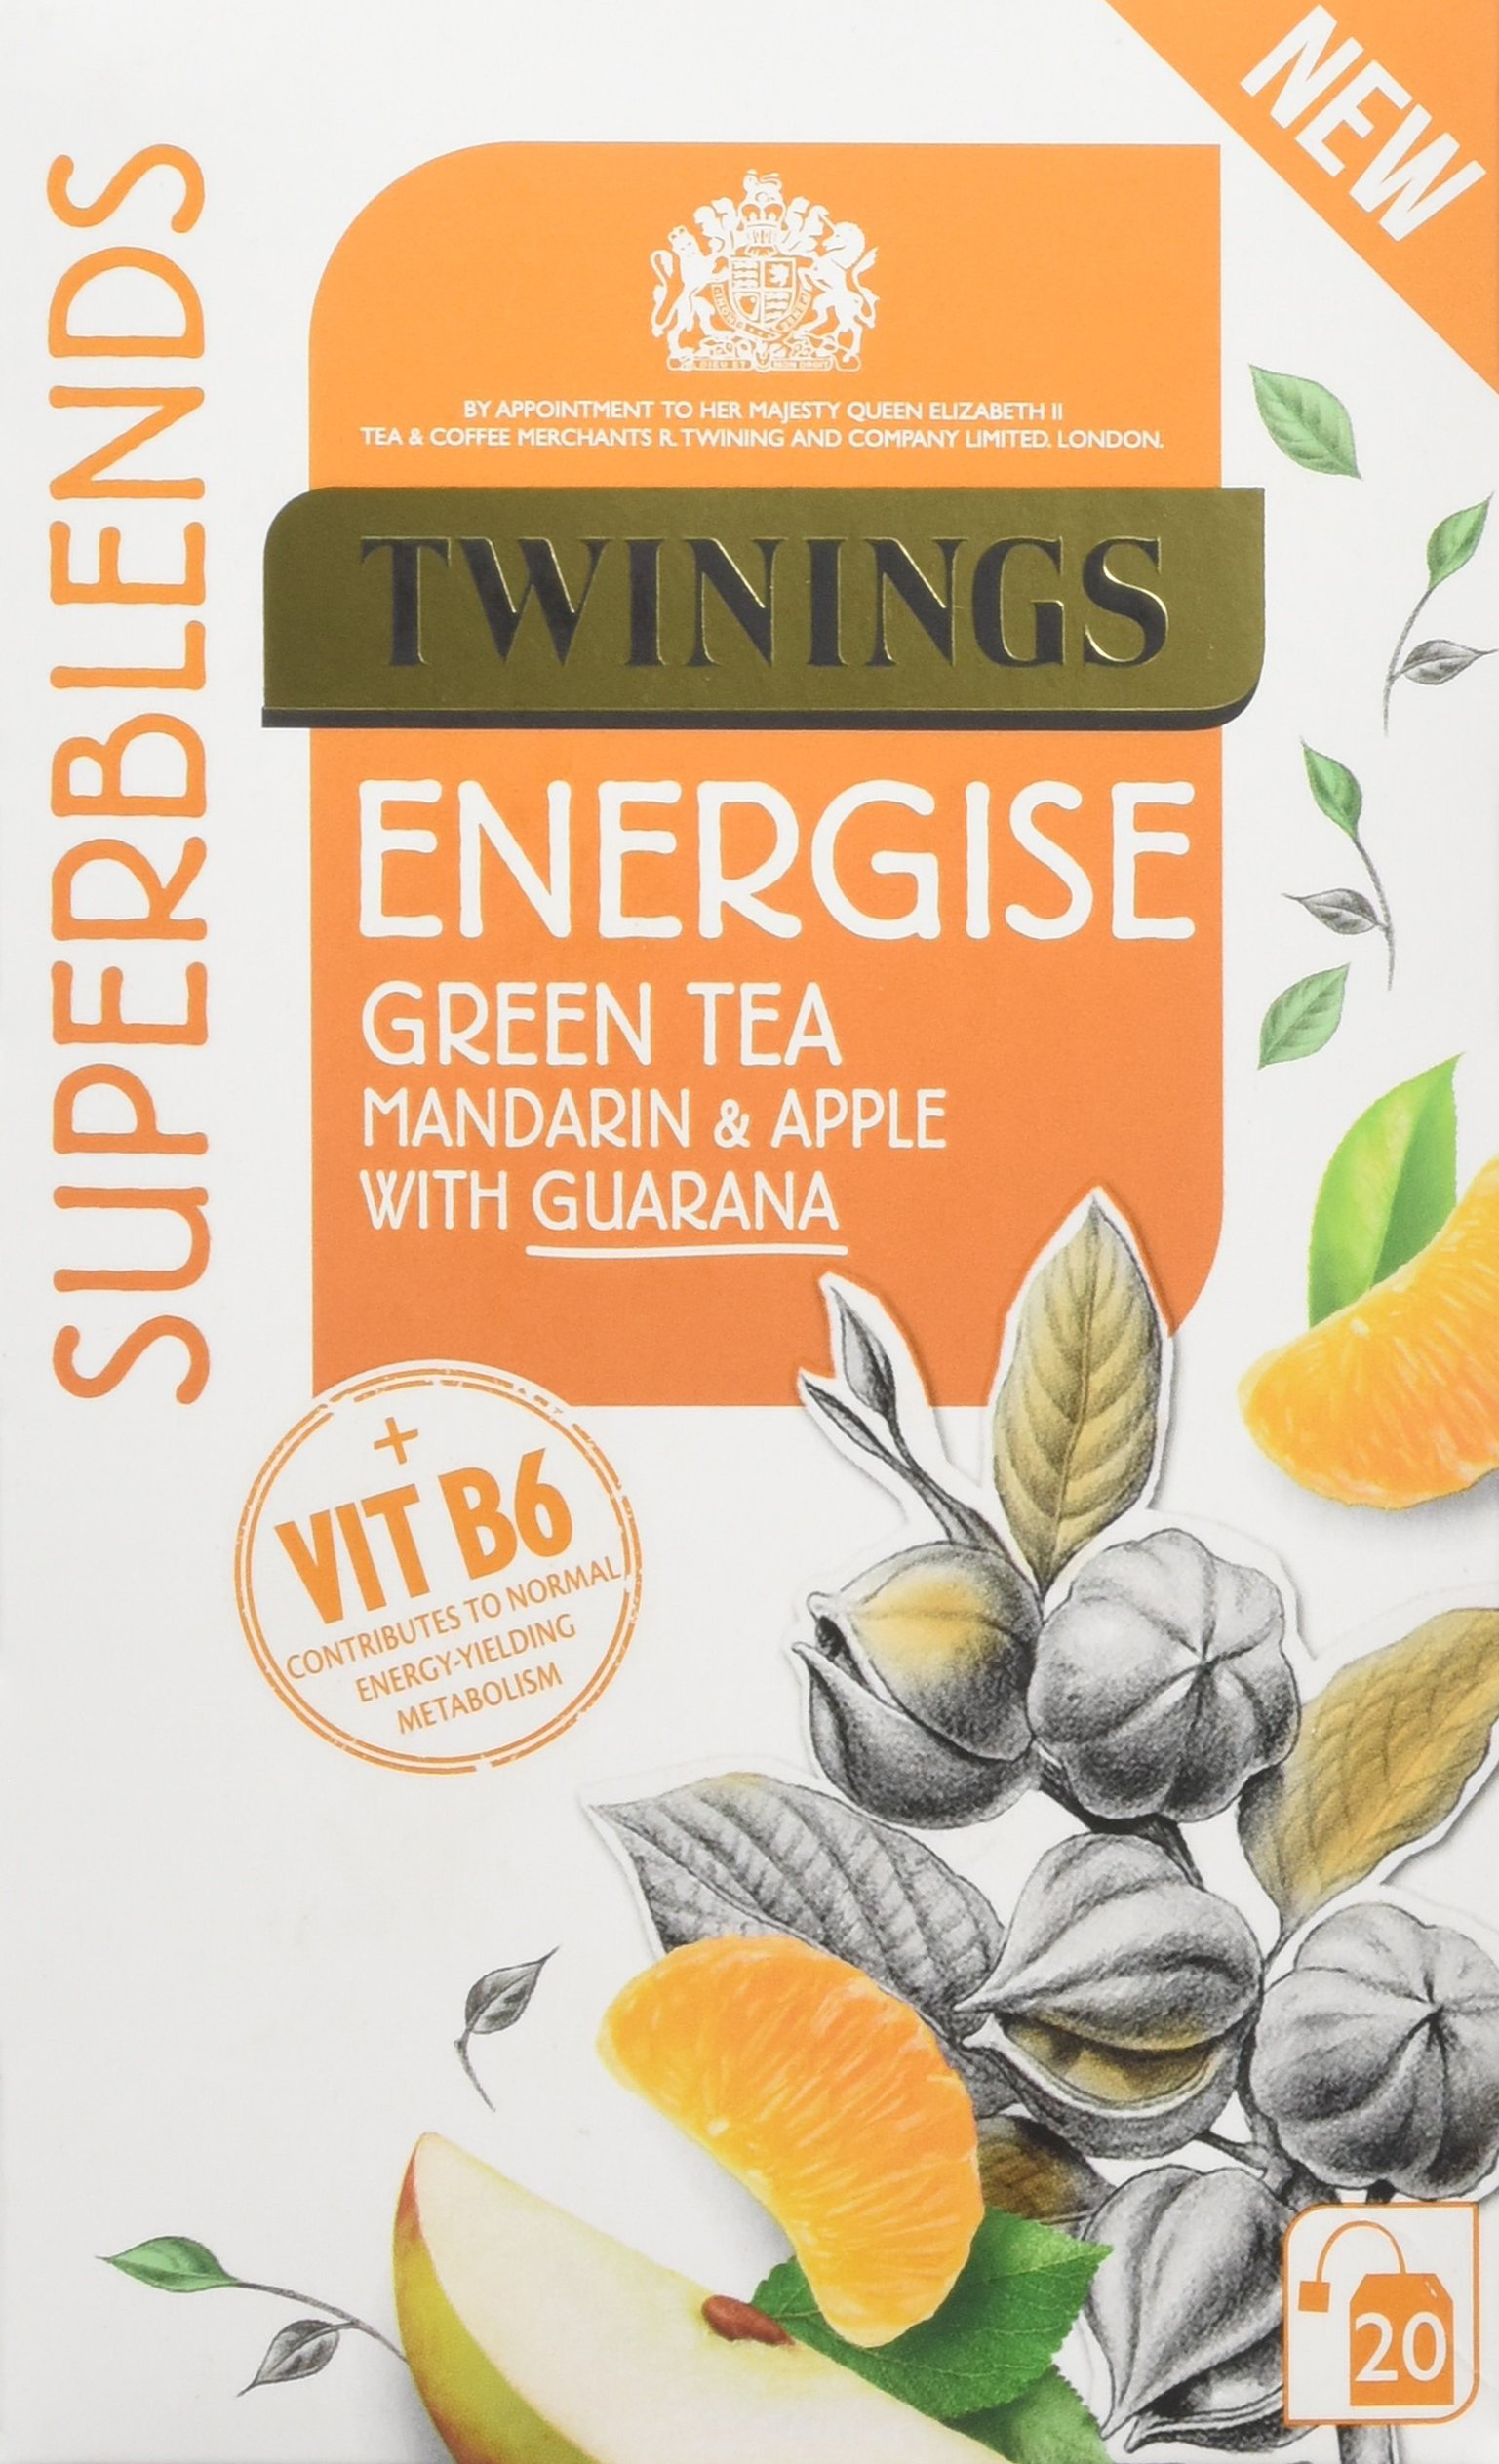 Twinings Superblends Energise, 80 Tea Bags (Multipack of 4 x 20 Bags)